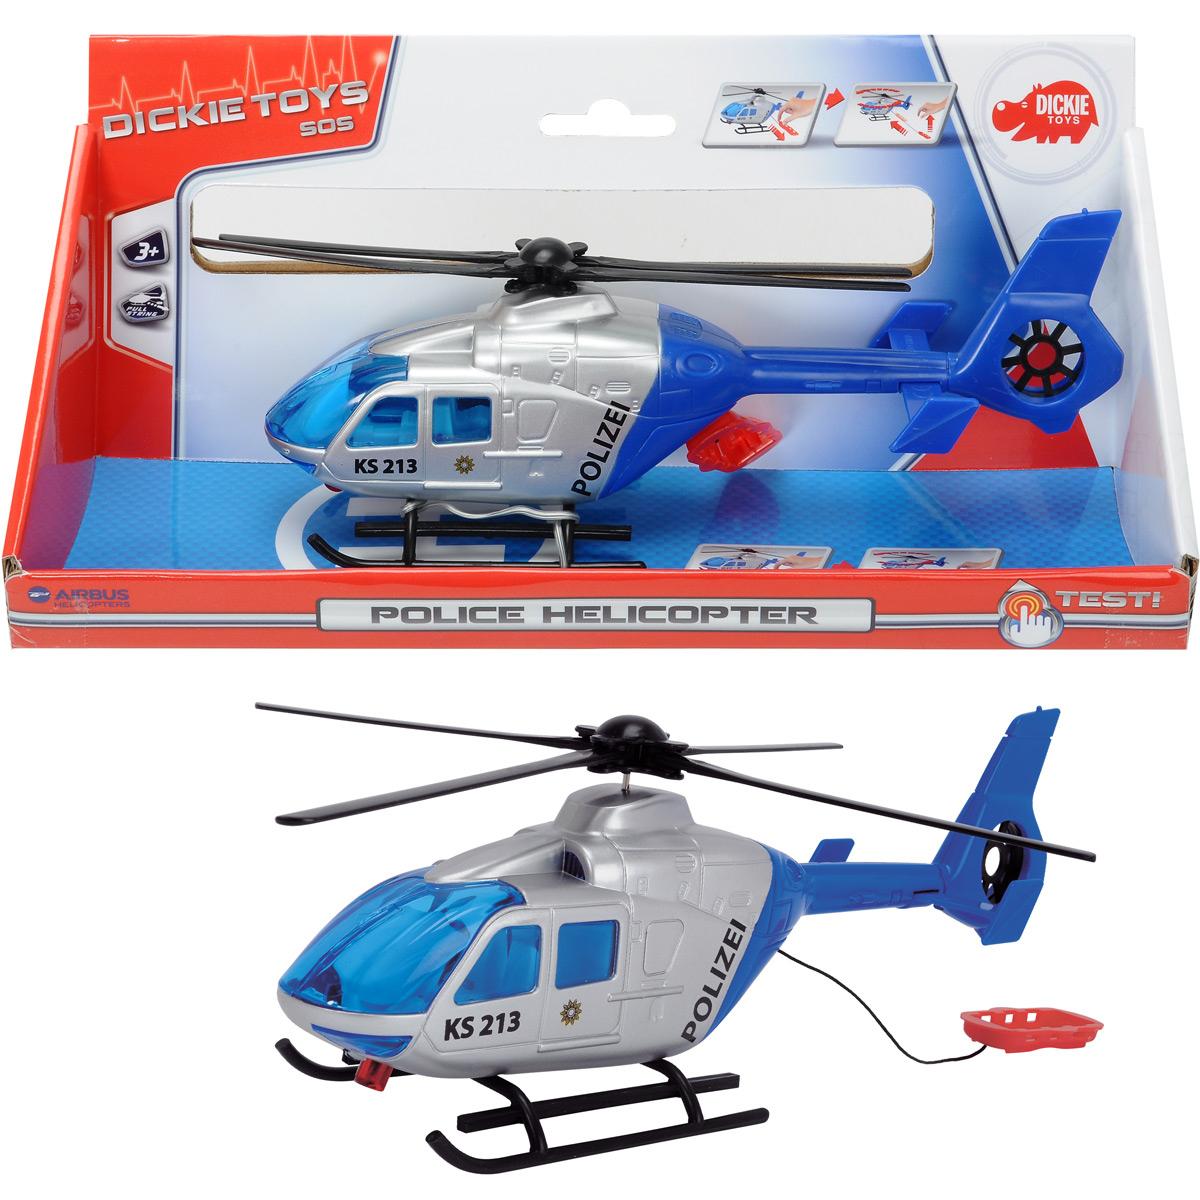 24Cm Hubschrauber Mit Funktion Polizei Dickie Helikopter bestimmt für Hubschrauber Für Kinder